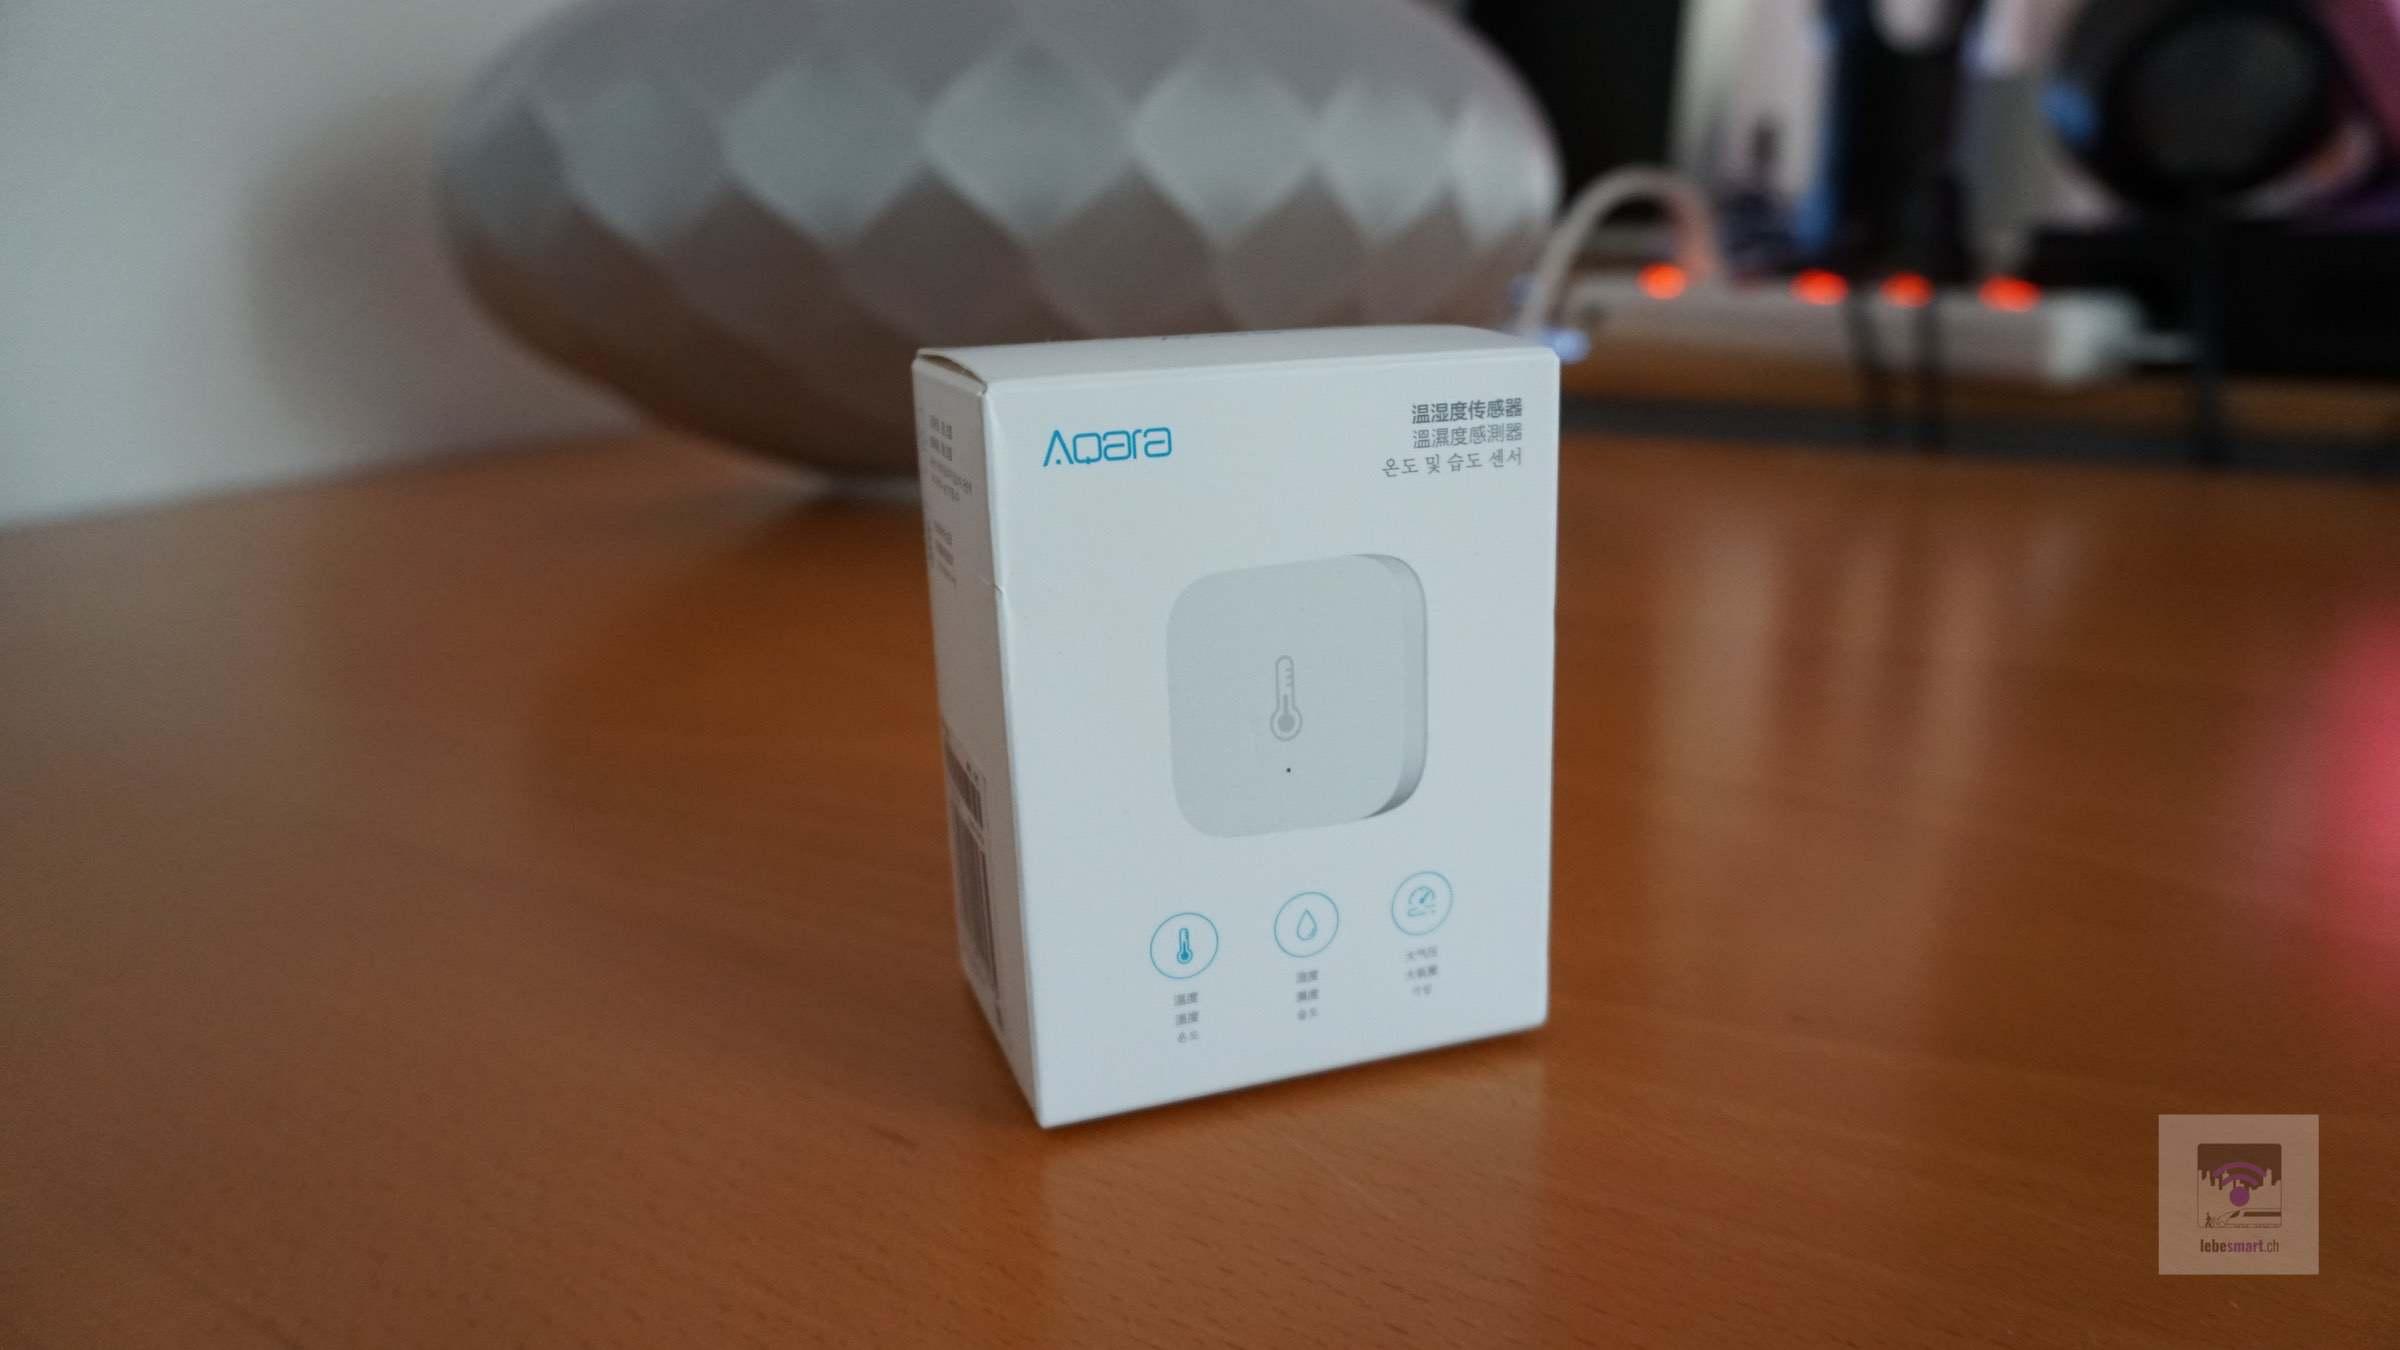 Aqara Temperatur-, Luftdruck und Luftfeuchtigkeitssensor